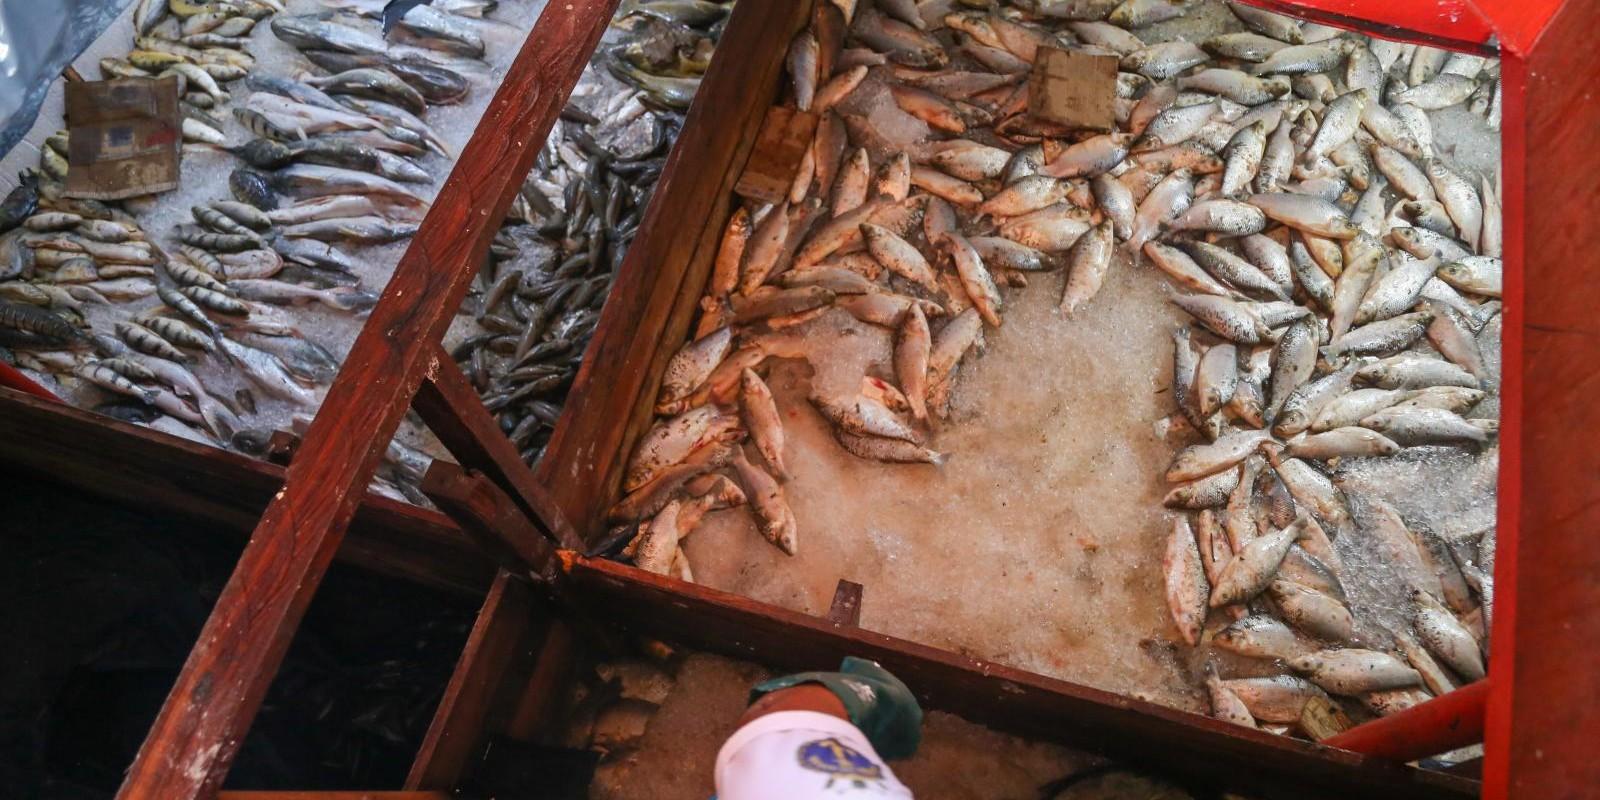 Ibama - Apreensão de peixes e doação ao Mesa Brasil